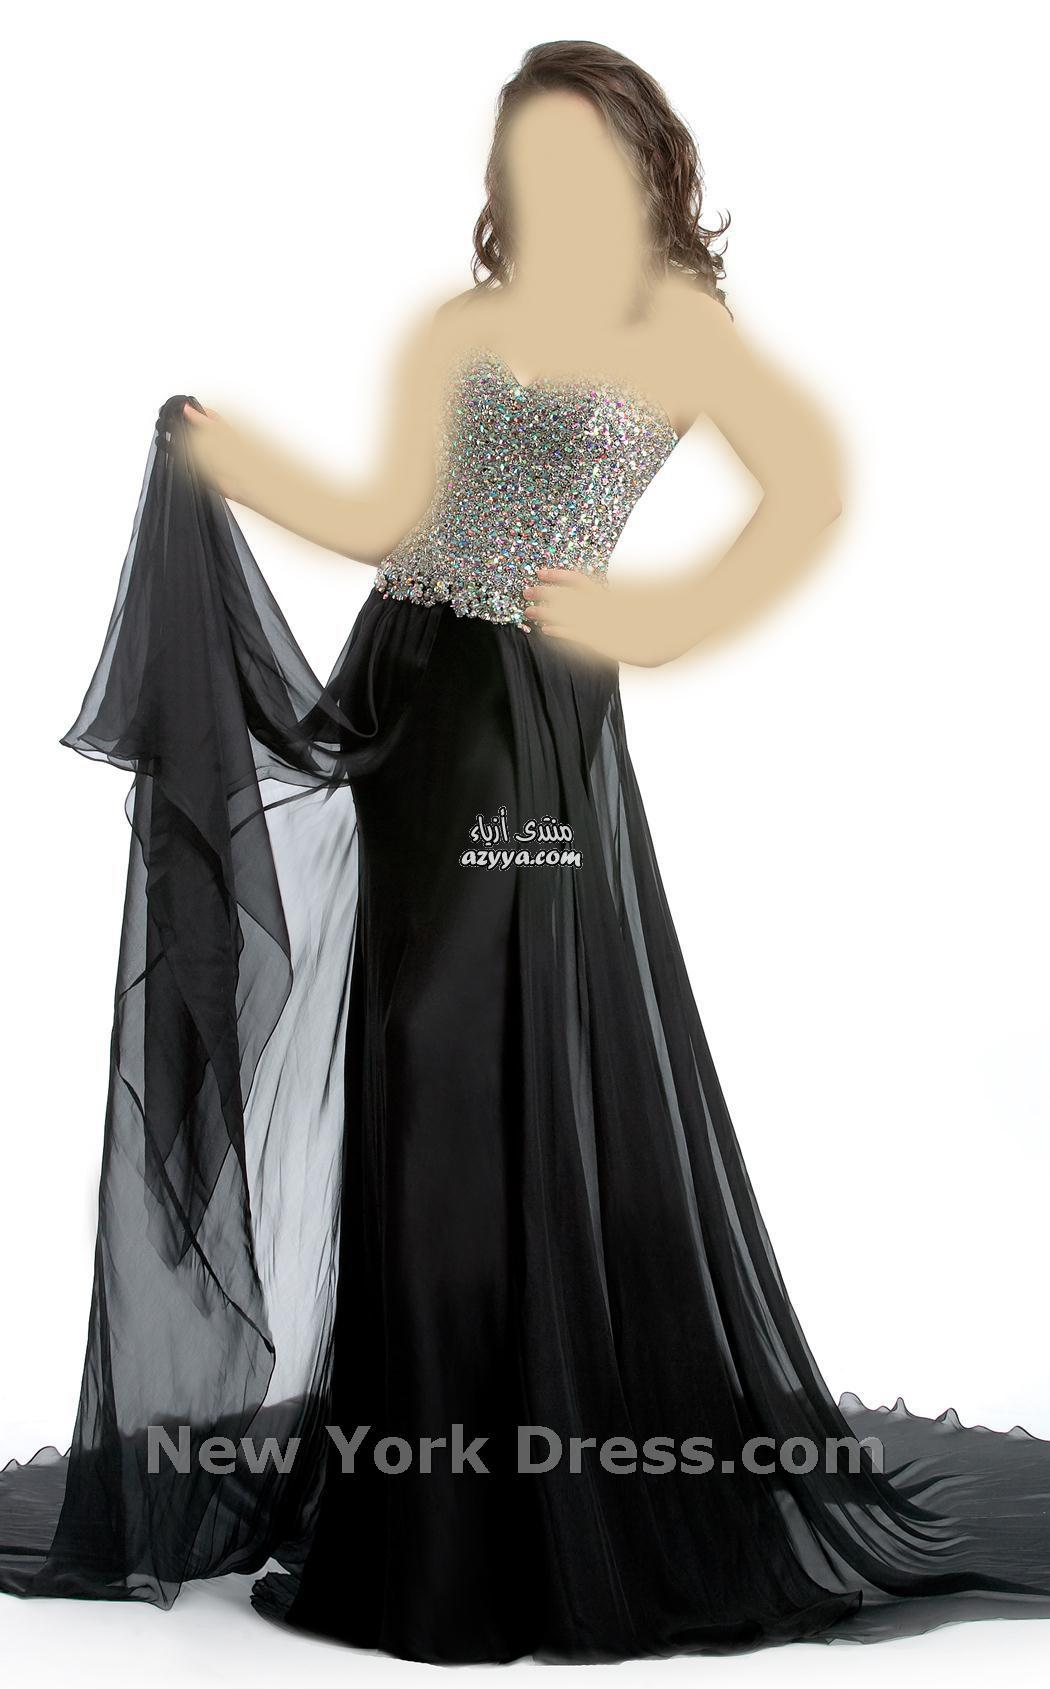 رآقية للمصمم نيكولا جبران 2013فساتين سهرة بخامة